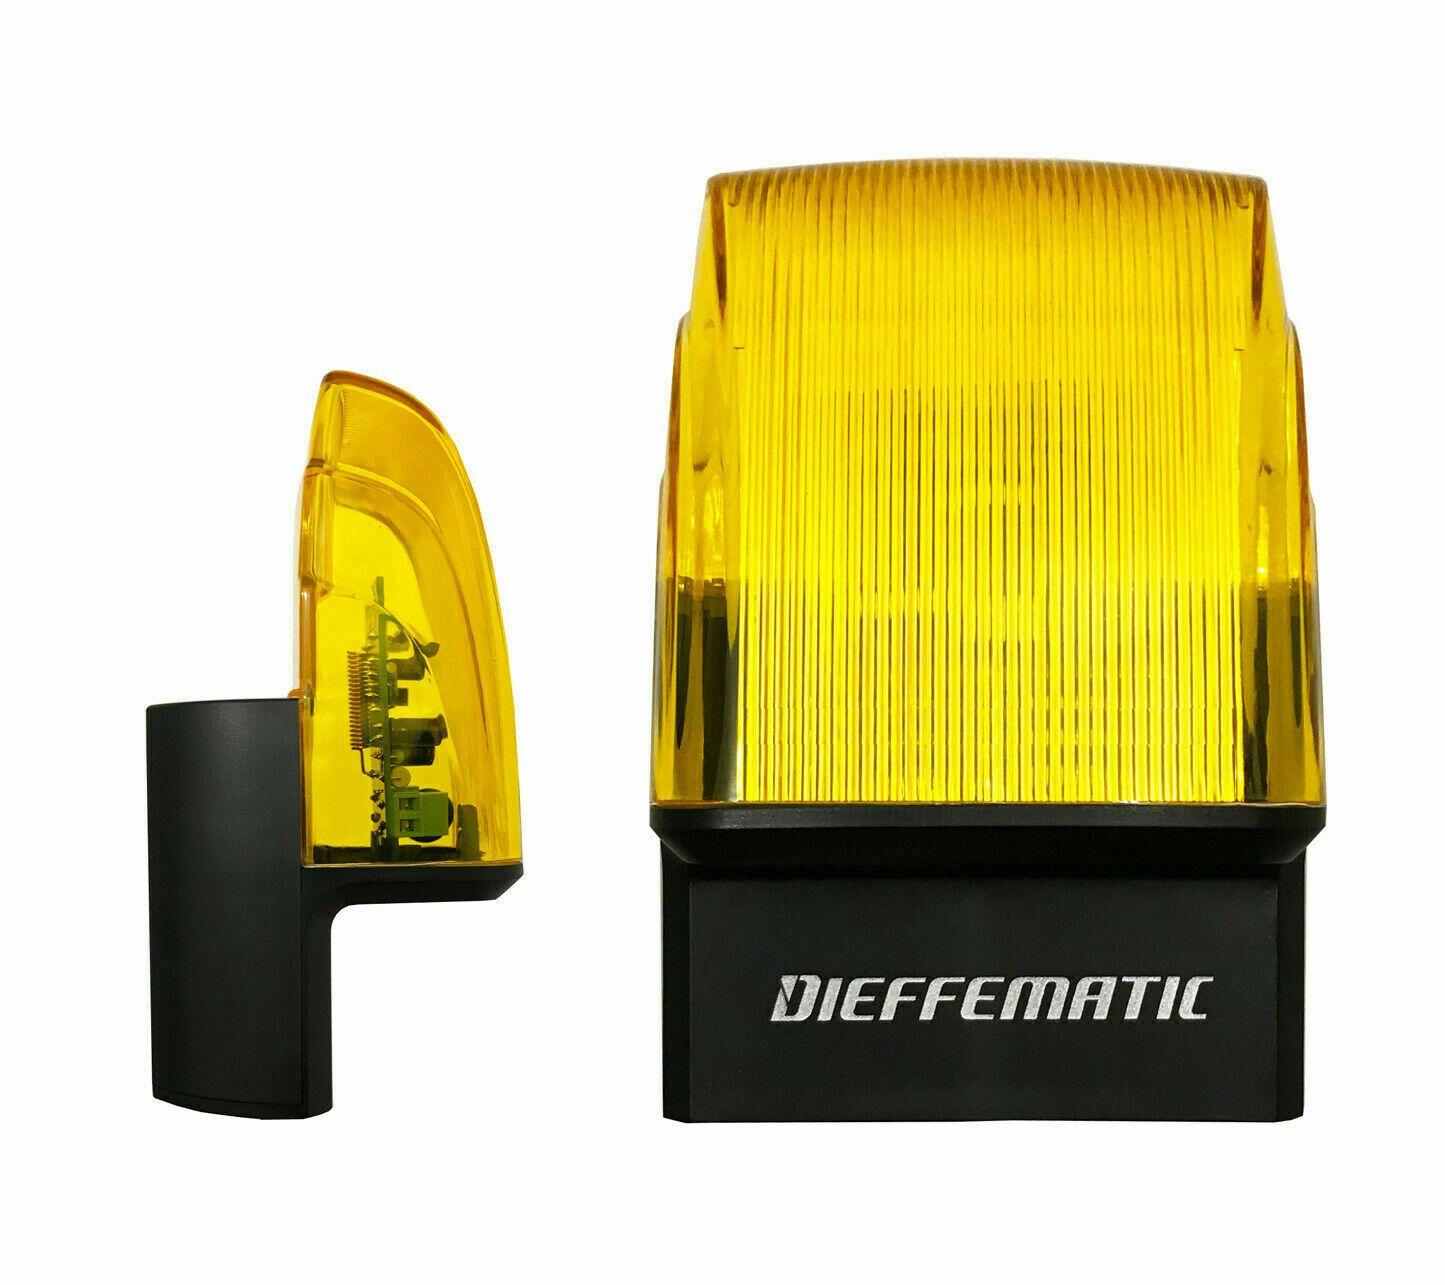 LAMPEGGIATORE LAMPEGGIANTE TRONCO CONO MOVIMENTO CANCELLO UNIVERSALE 230V LED